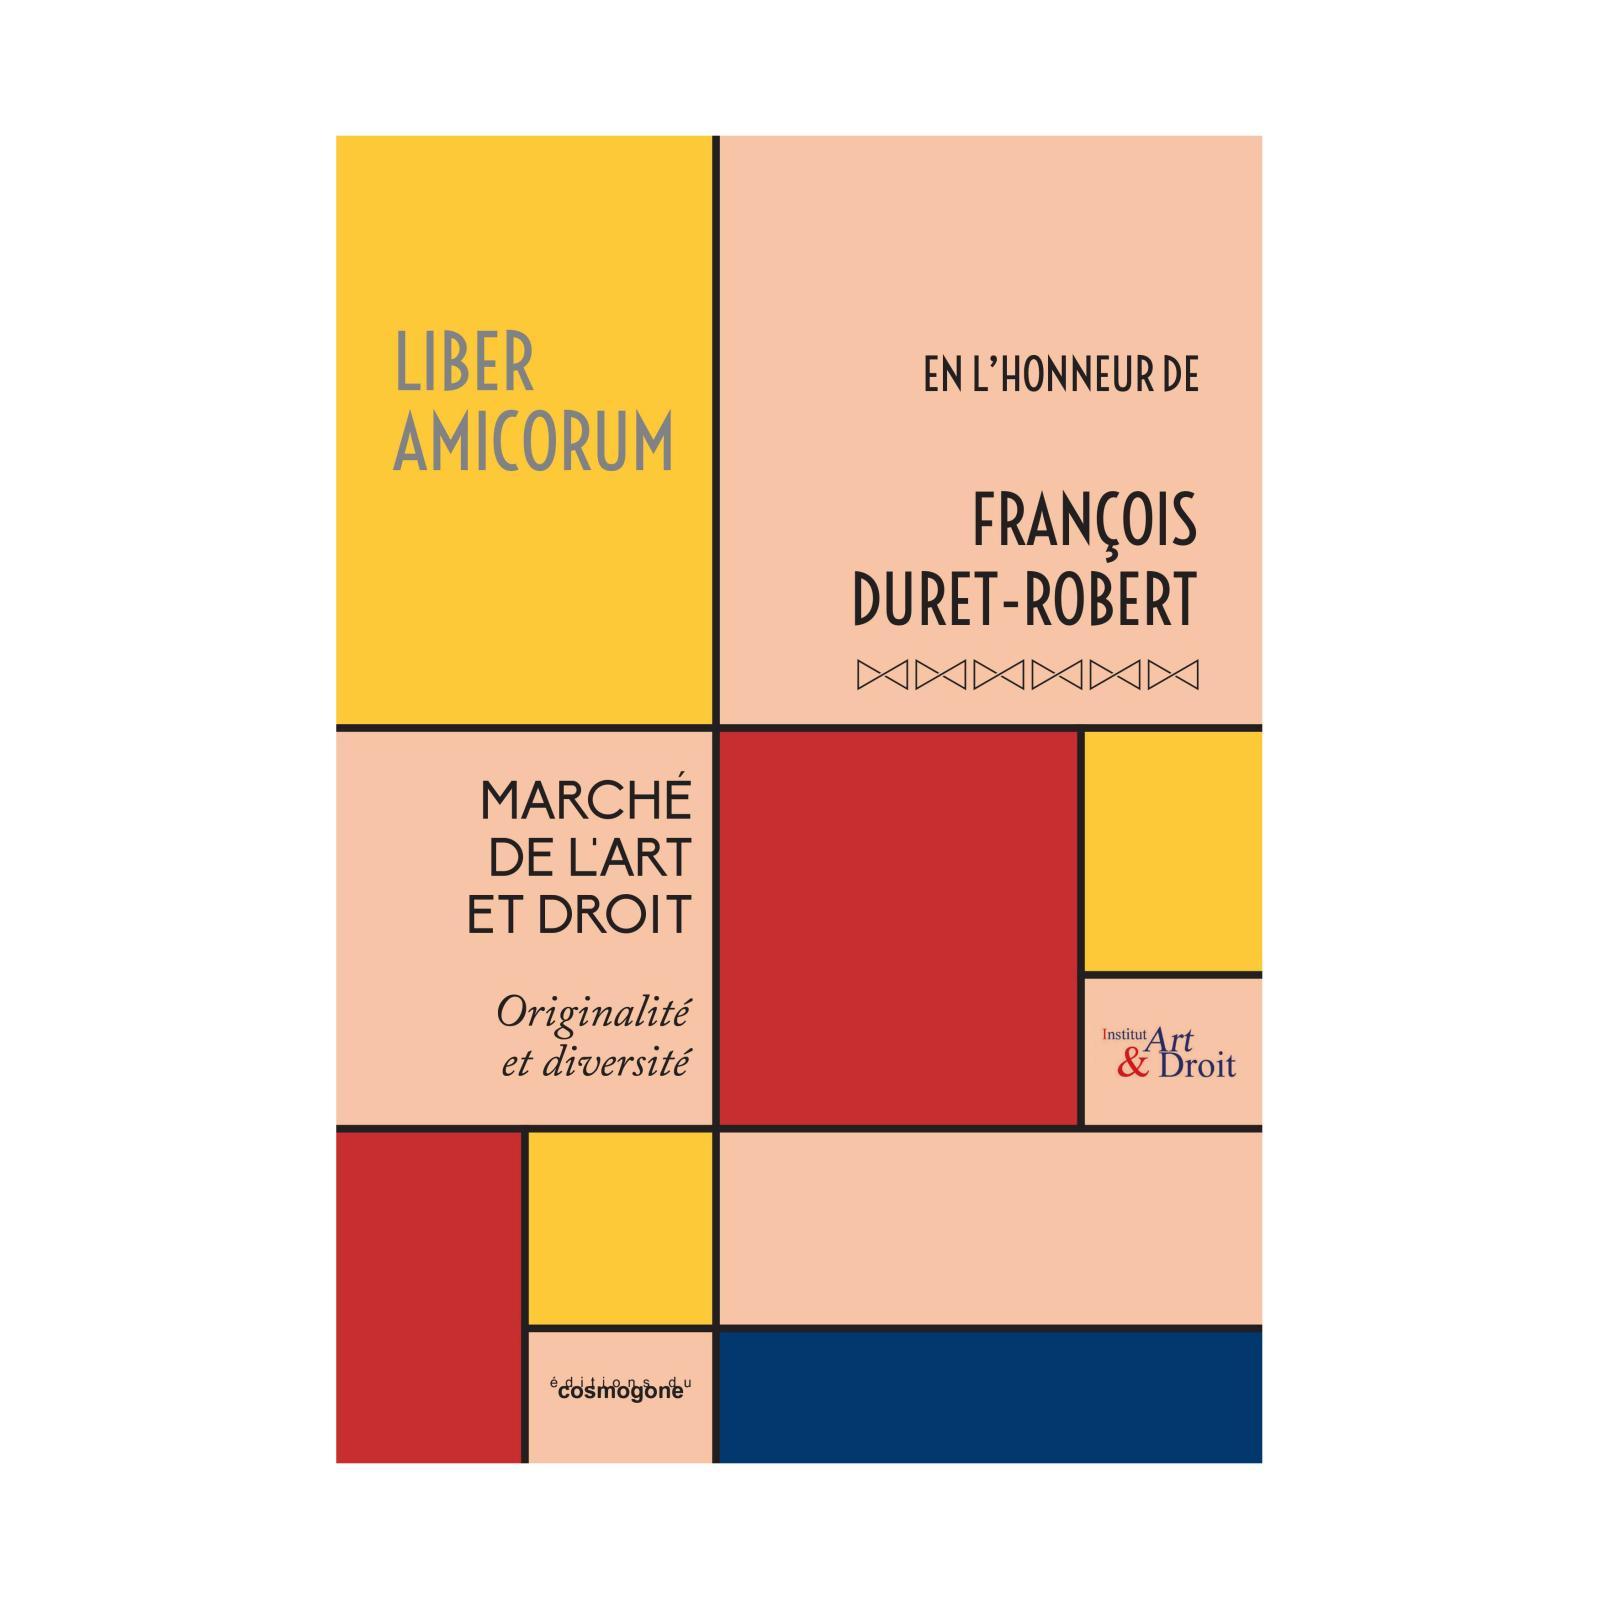 Hommage à Duret-Robert Édité sous la direction de Gérard Sousi–président de l'Institut Art & Droit–, ce Liber amicorum rend hommage à Fr